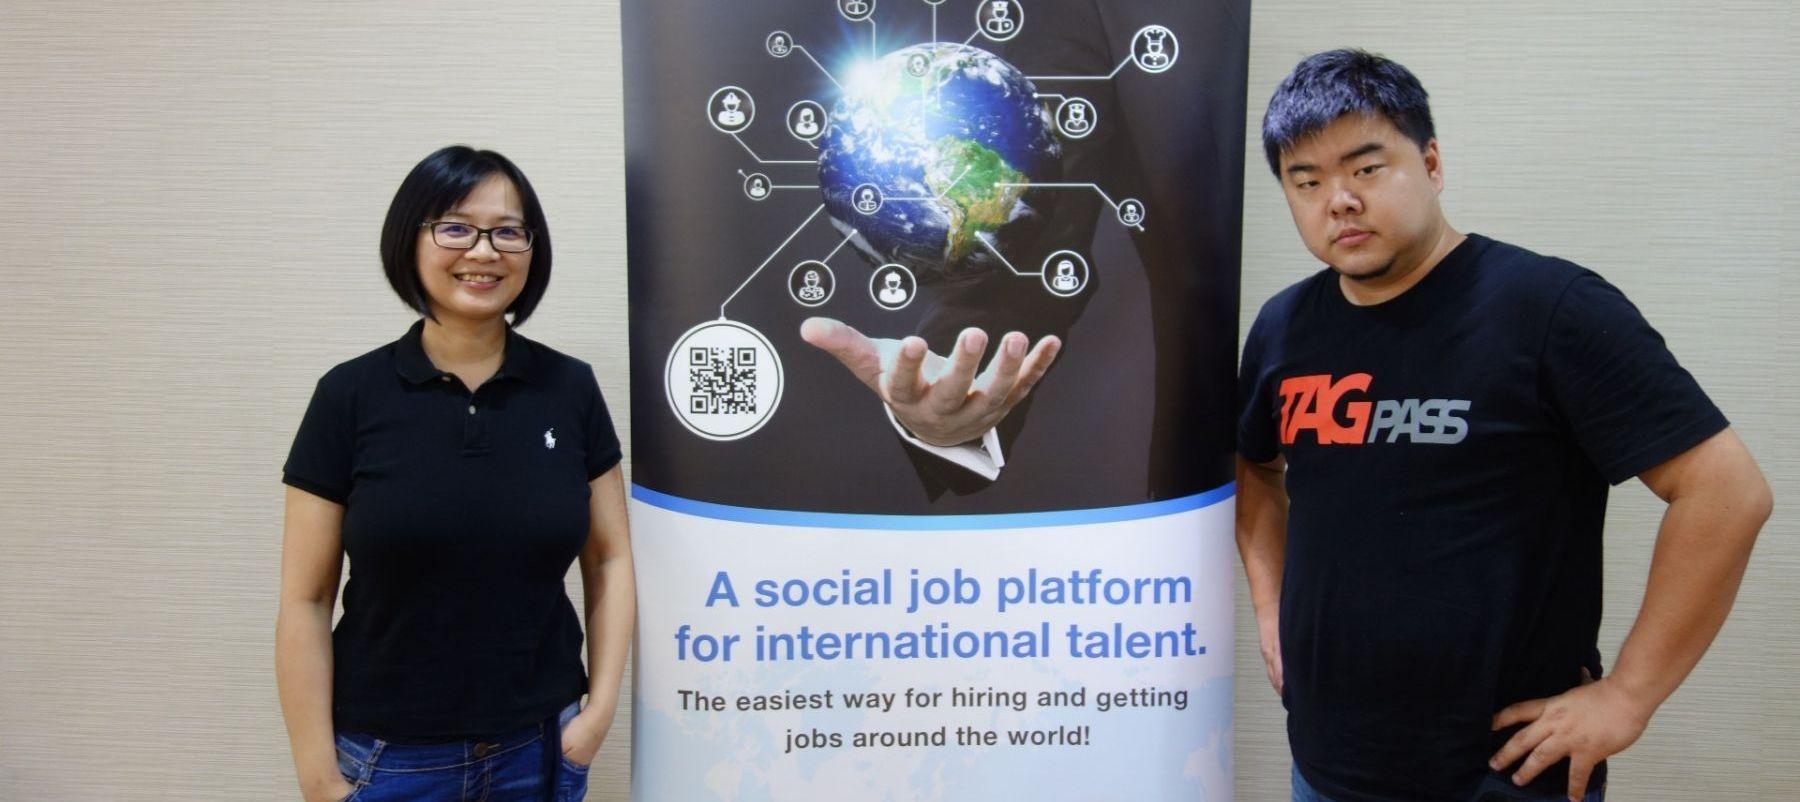 海外經歷醞釀創業契機 創求職平台助國際人才尋找定位